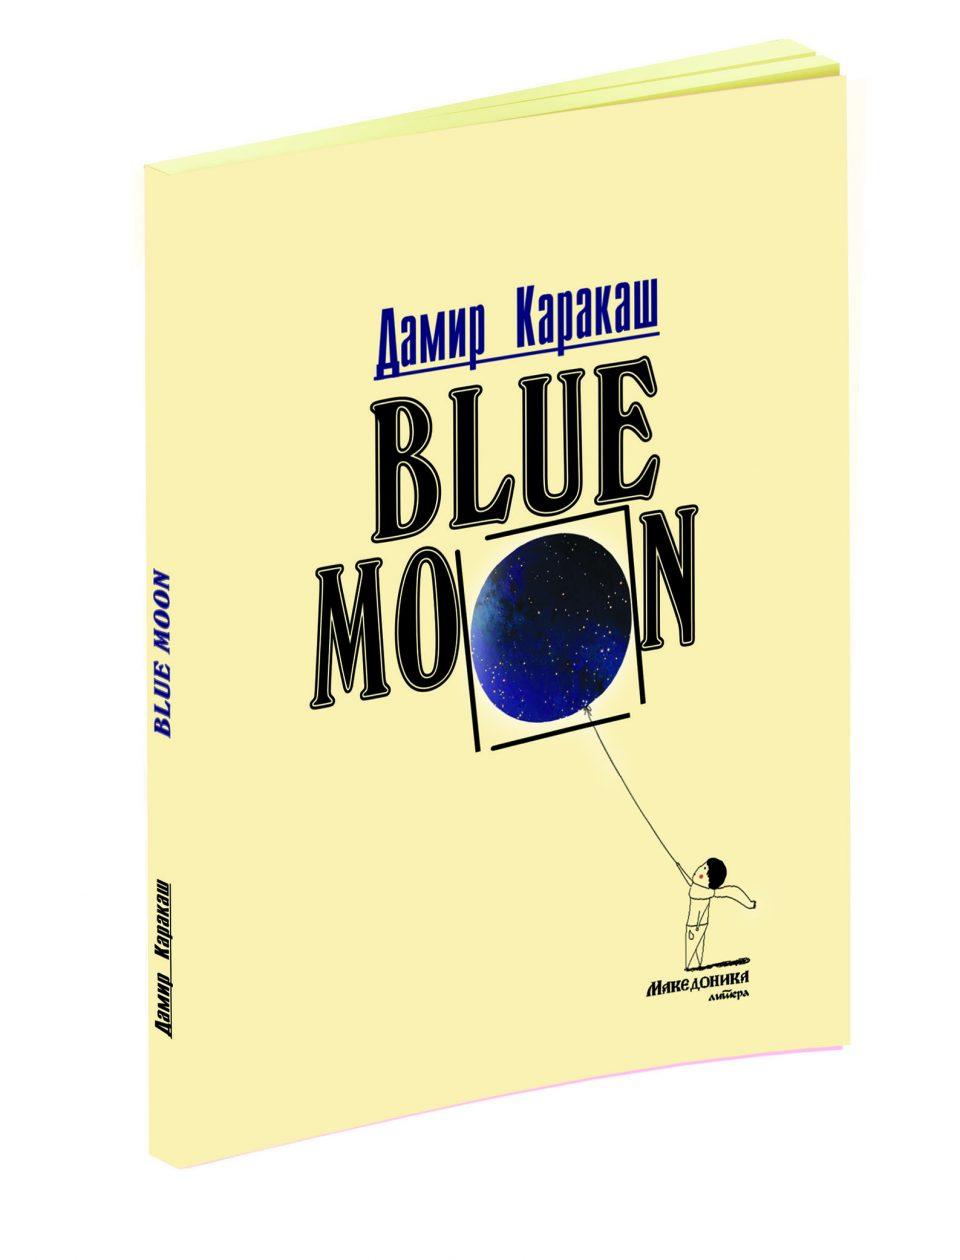 """""""Македоника литера"""" објави нов роман од Дамир Каракаш, """" Blue moon""""-предвоен роман од повоената хрватска книжевност"""